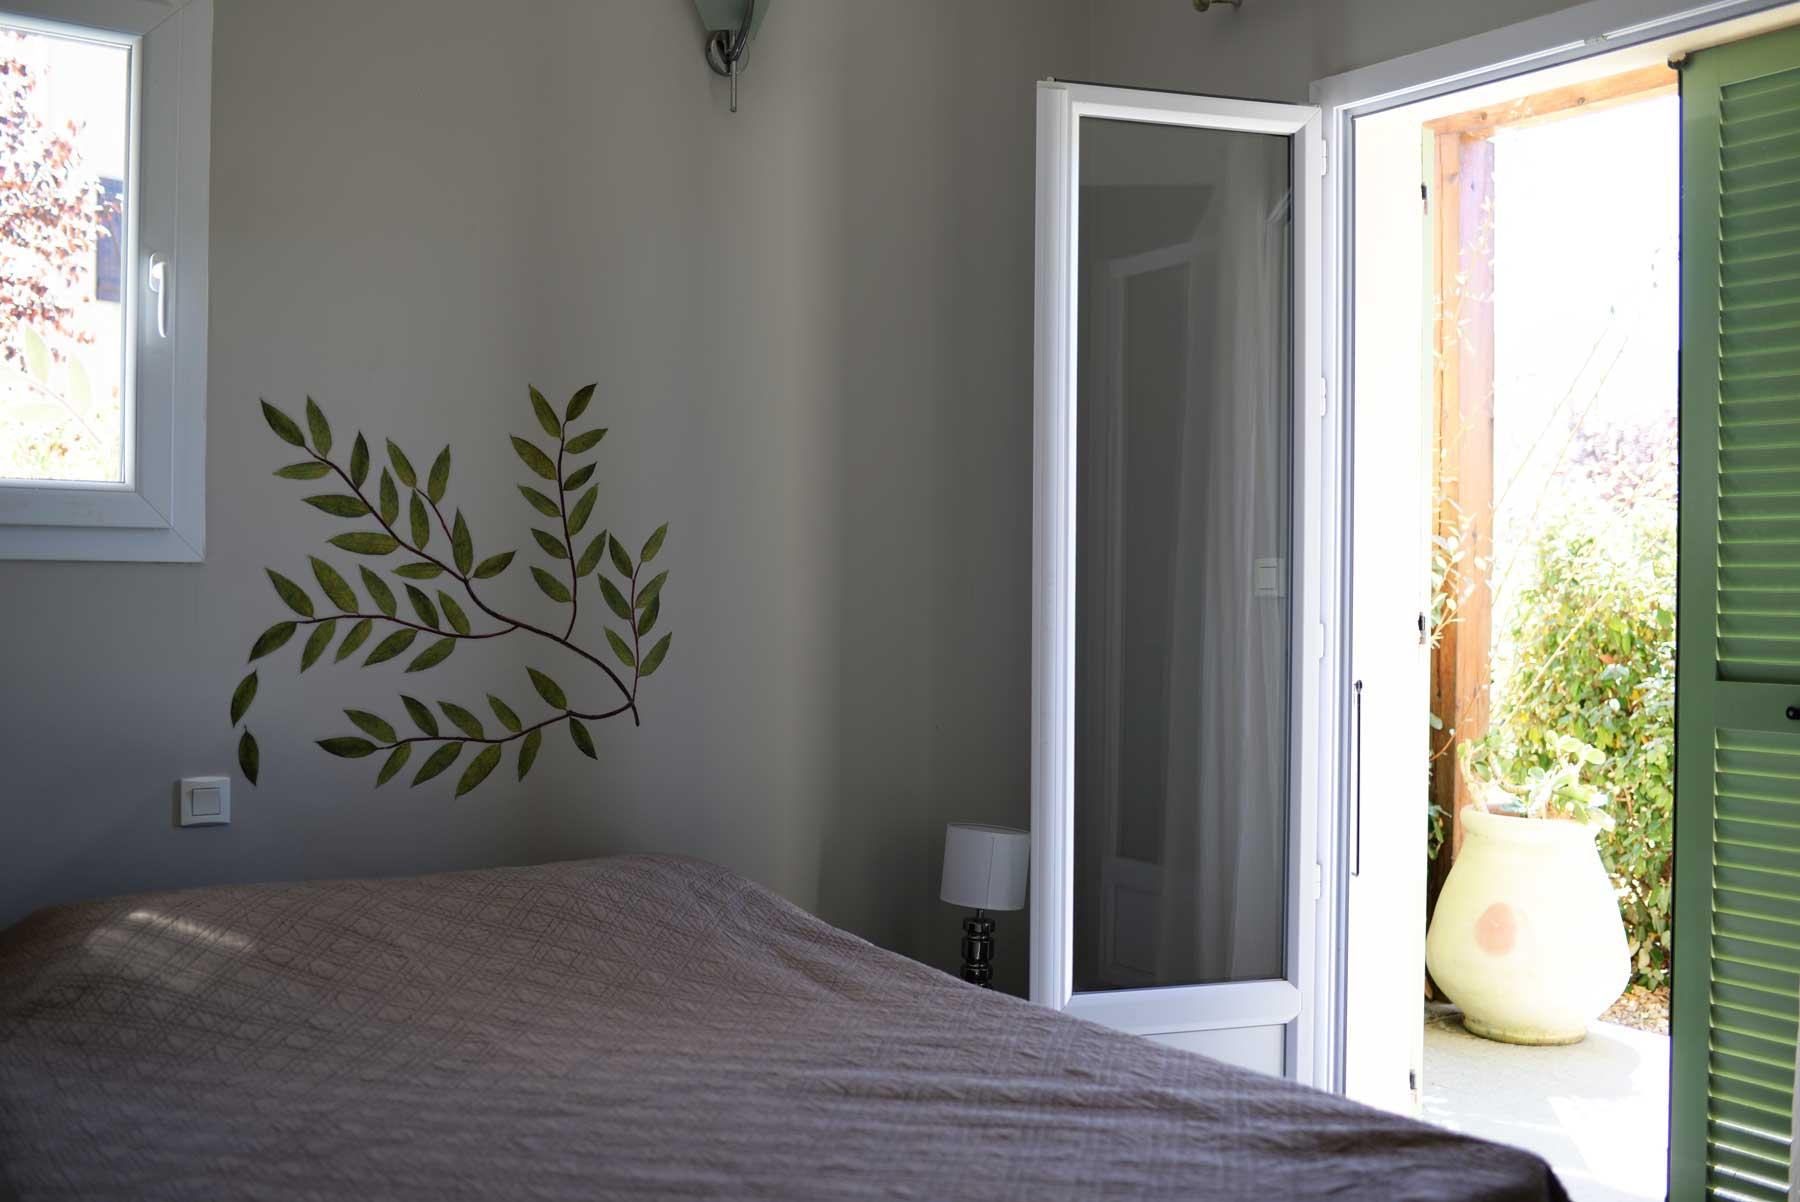 #978634 Aria A Casa GhjallaA Casa Ghjalla 3373 voilage chambre parentale 1800x1202 px @ aertt.com